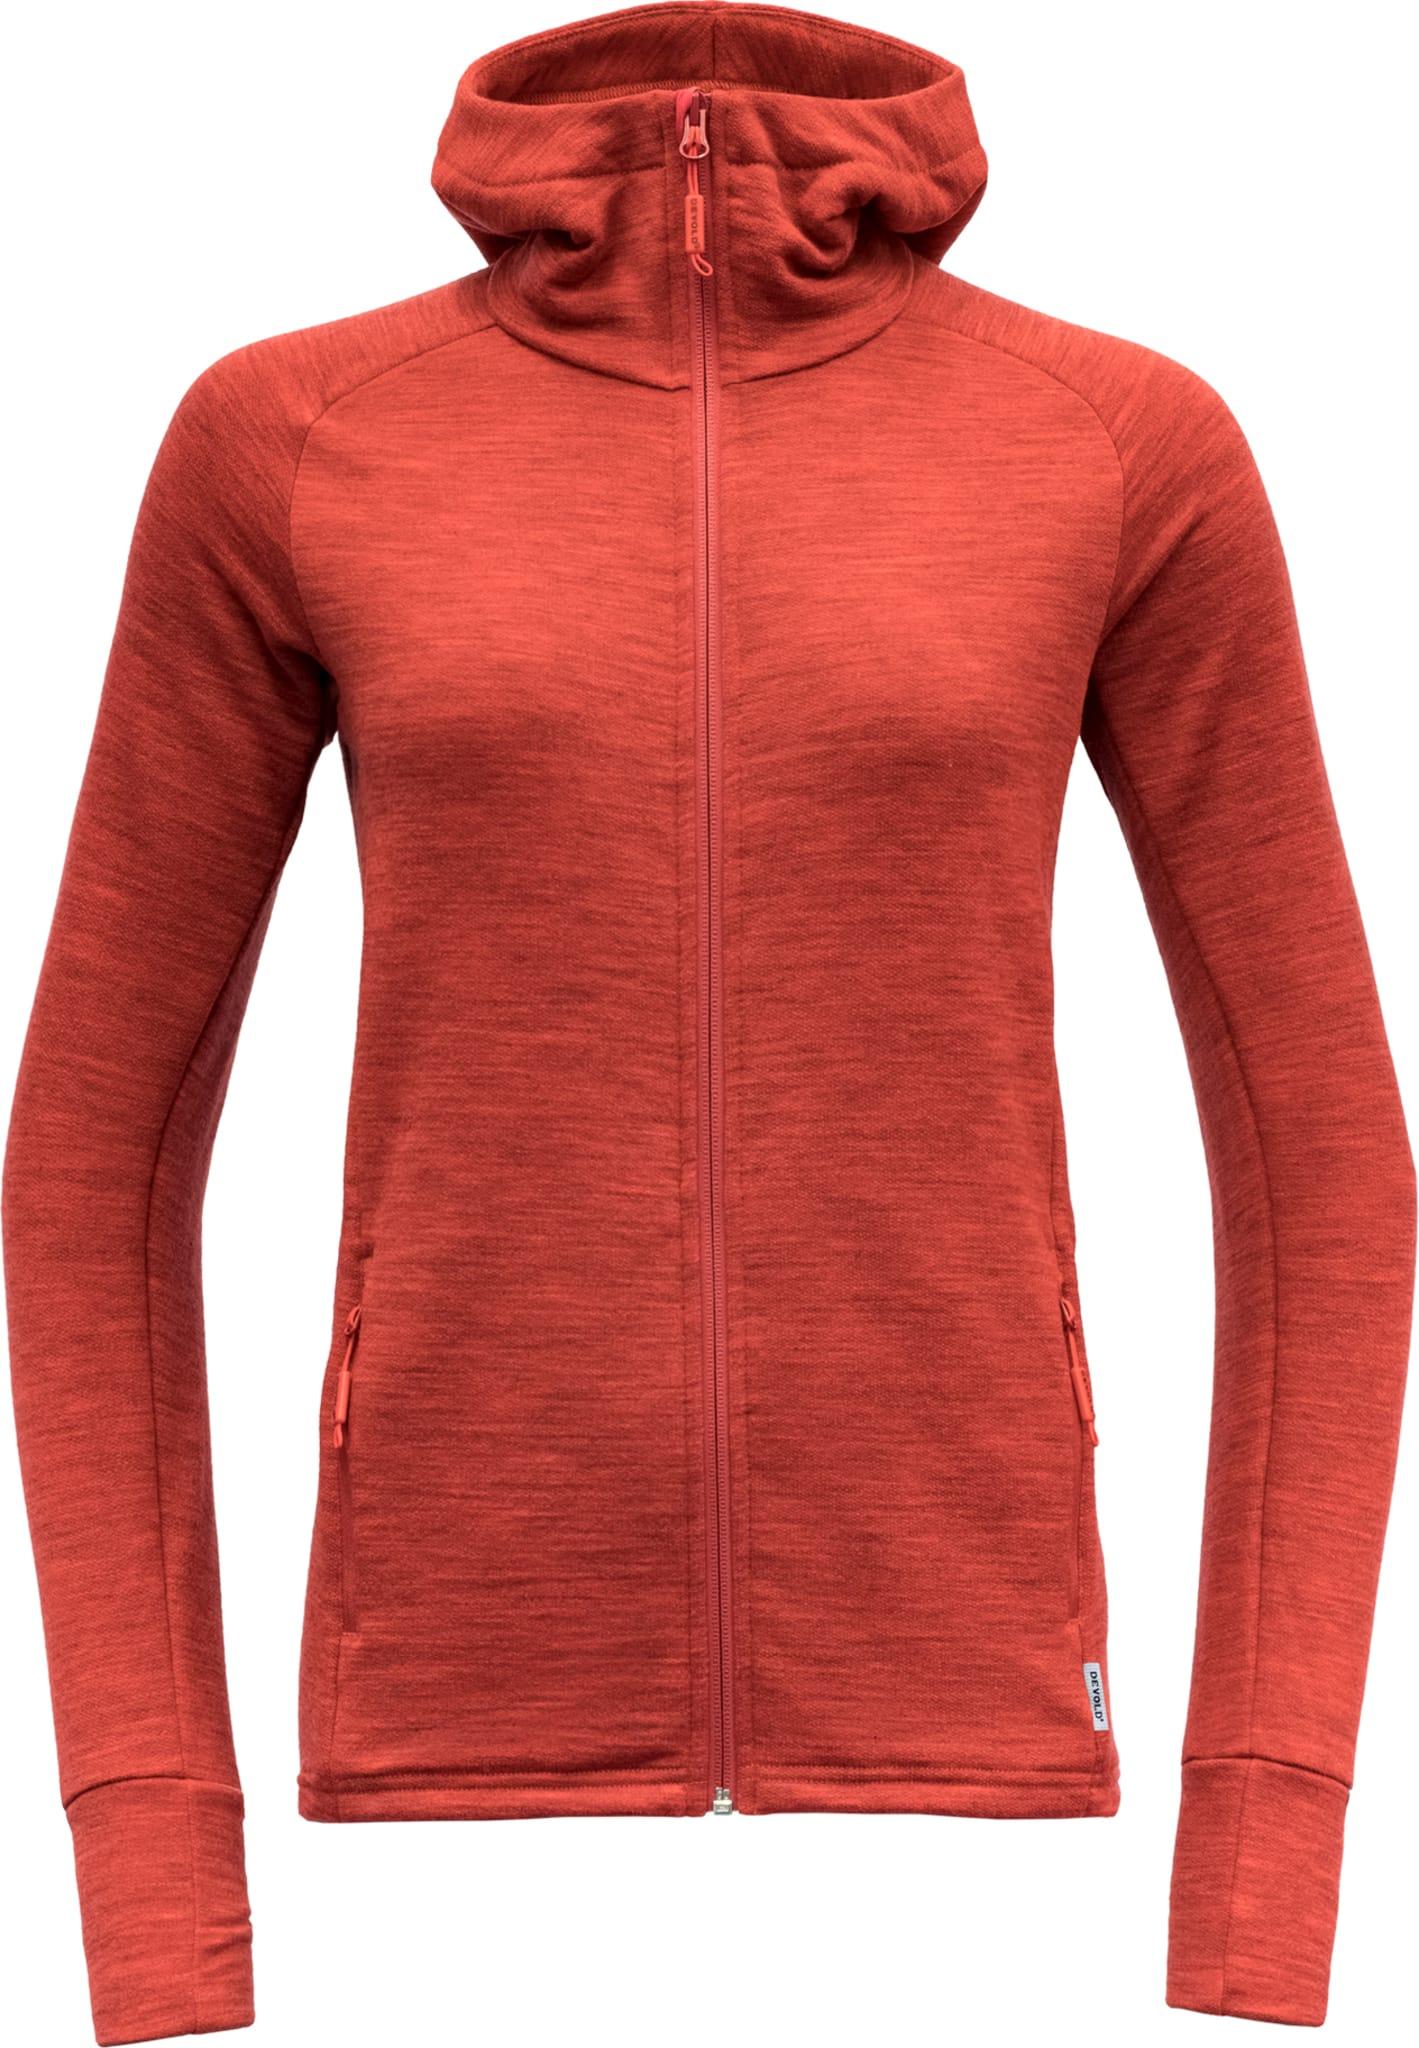 Nibba Woman Jacket